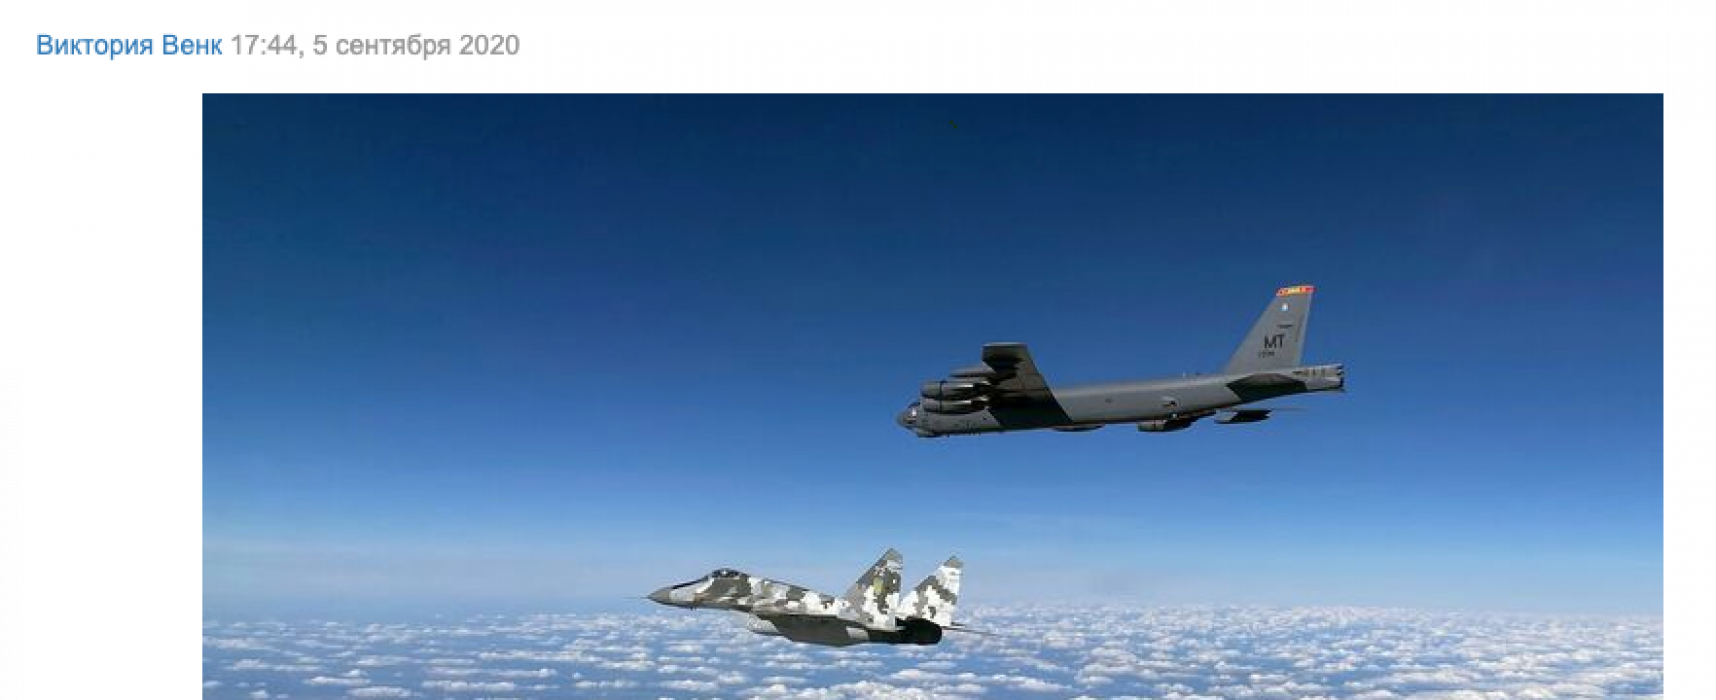 Фейк: Украина станет плацдармом для ядерного удара США по России